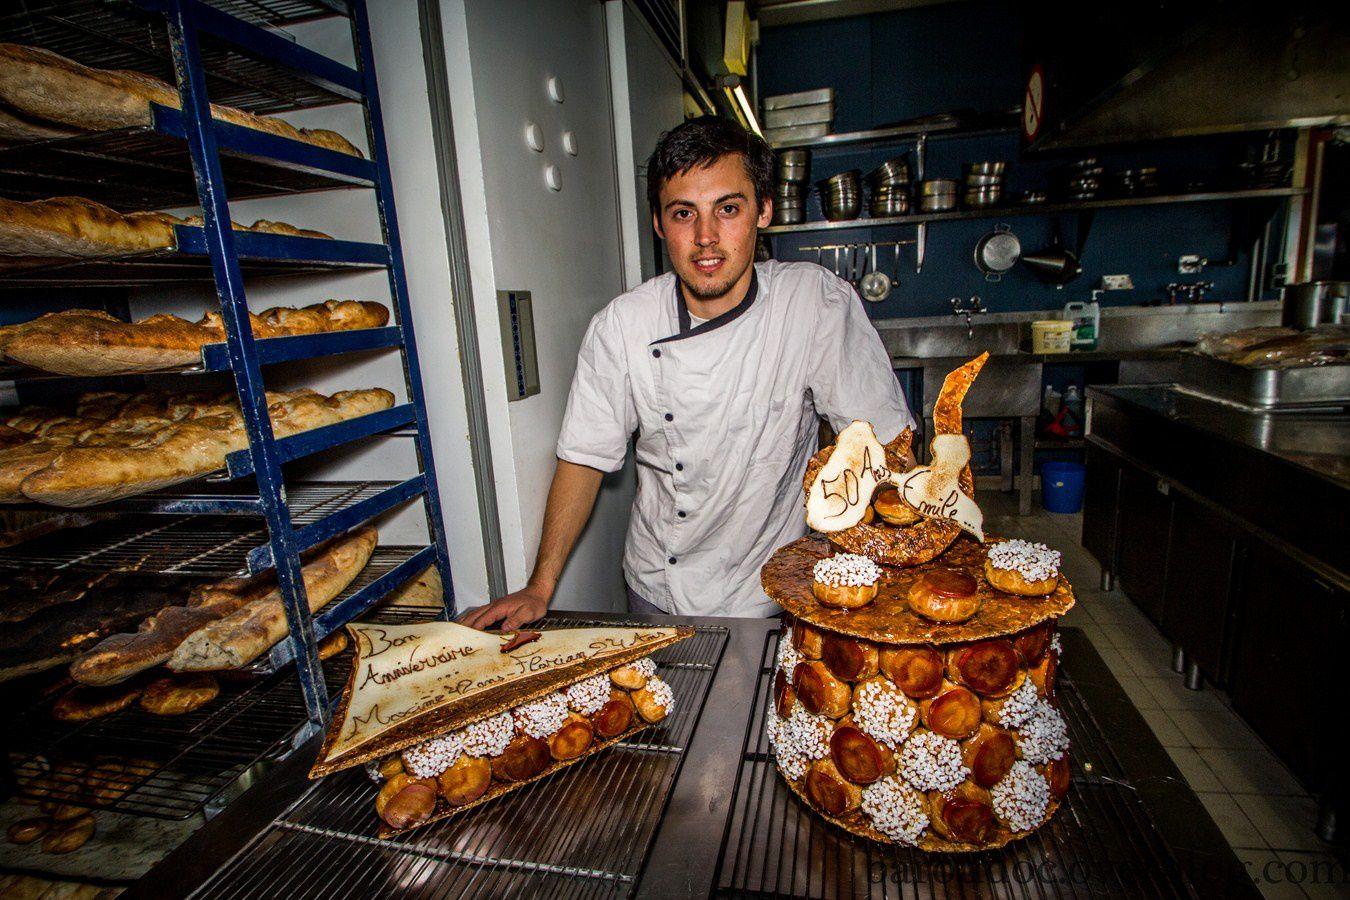 Du pain frais, des gâteaux d'anniversaire et de la bonne humeur, voilà ce que Willy amène à la mission.